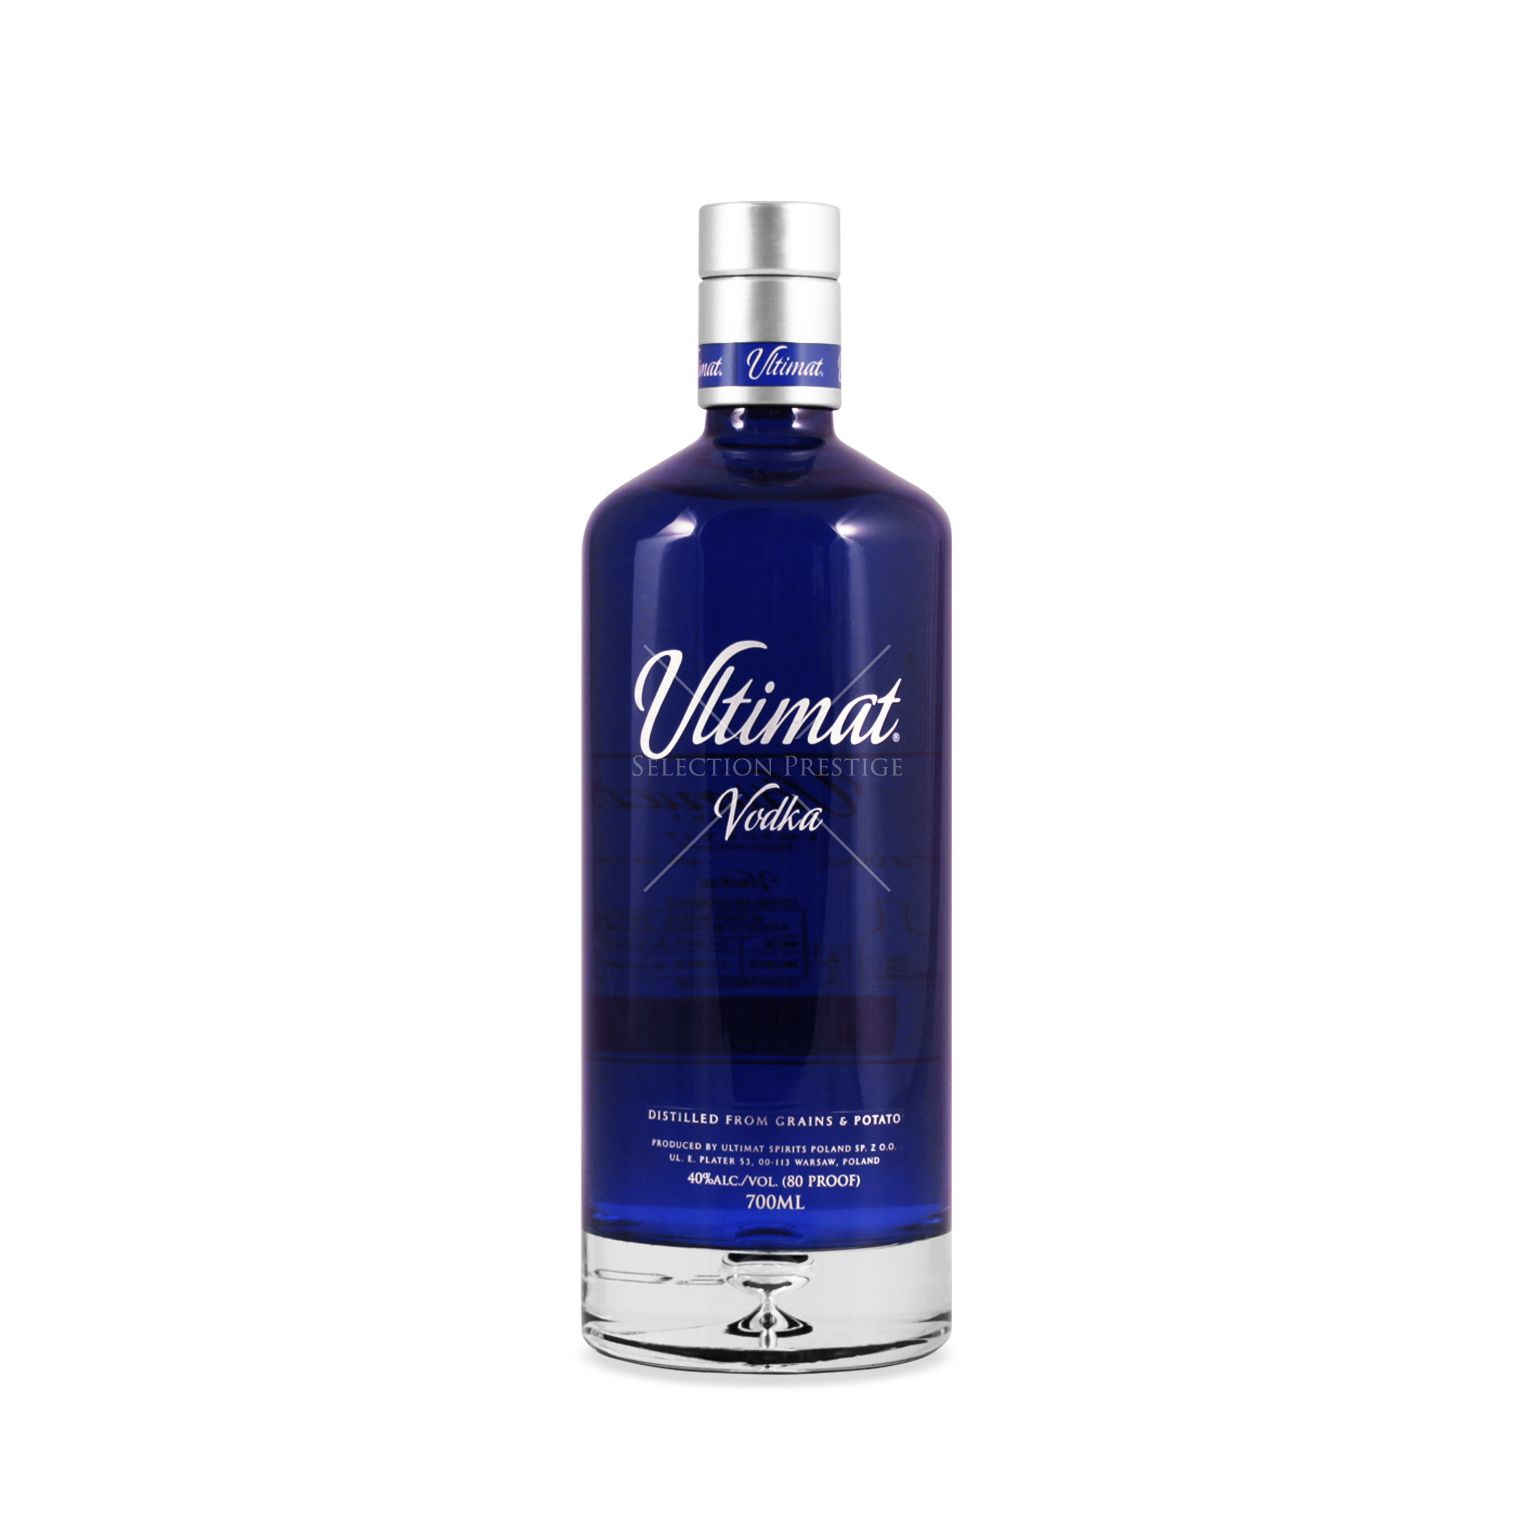 Ultimat Vodka 07L 40 Vol